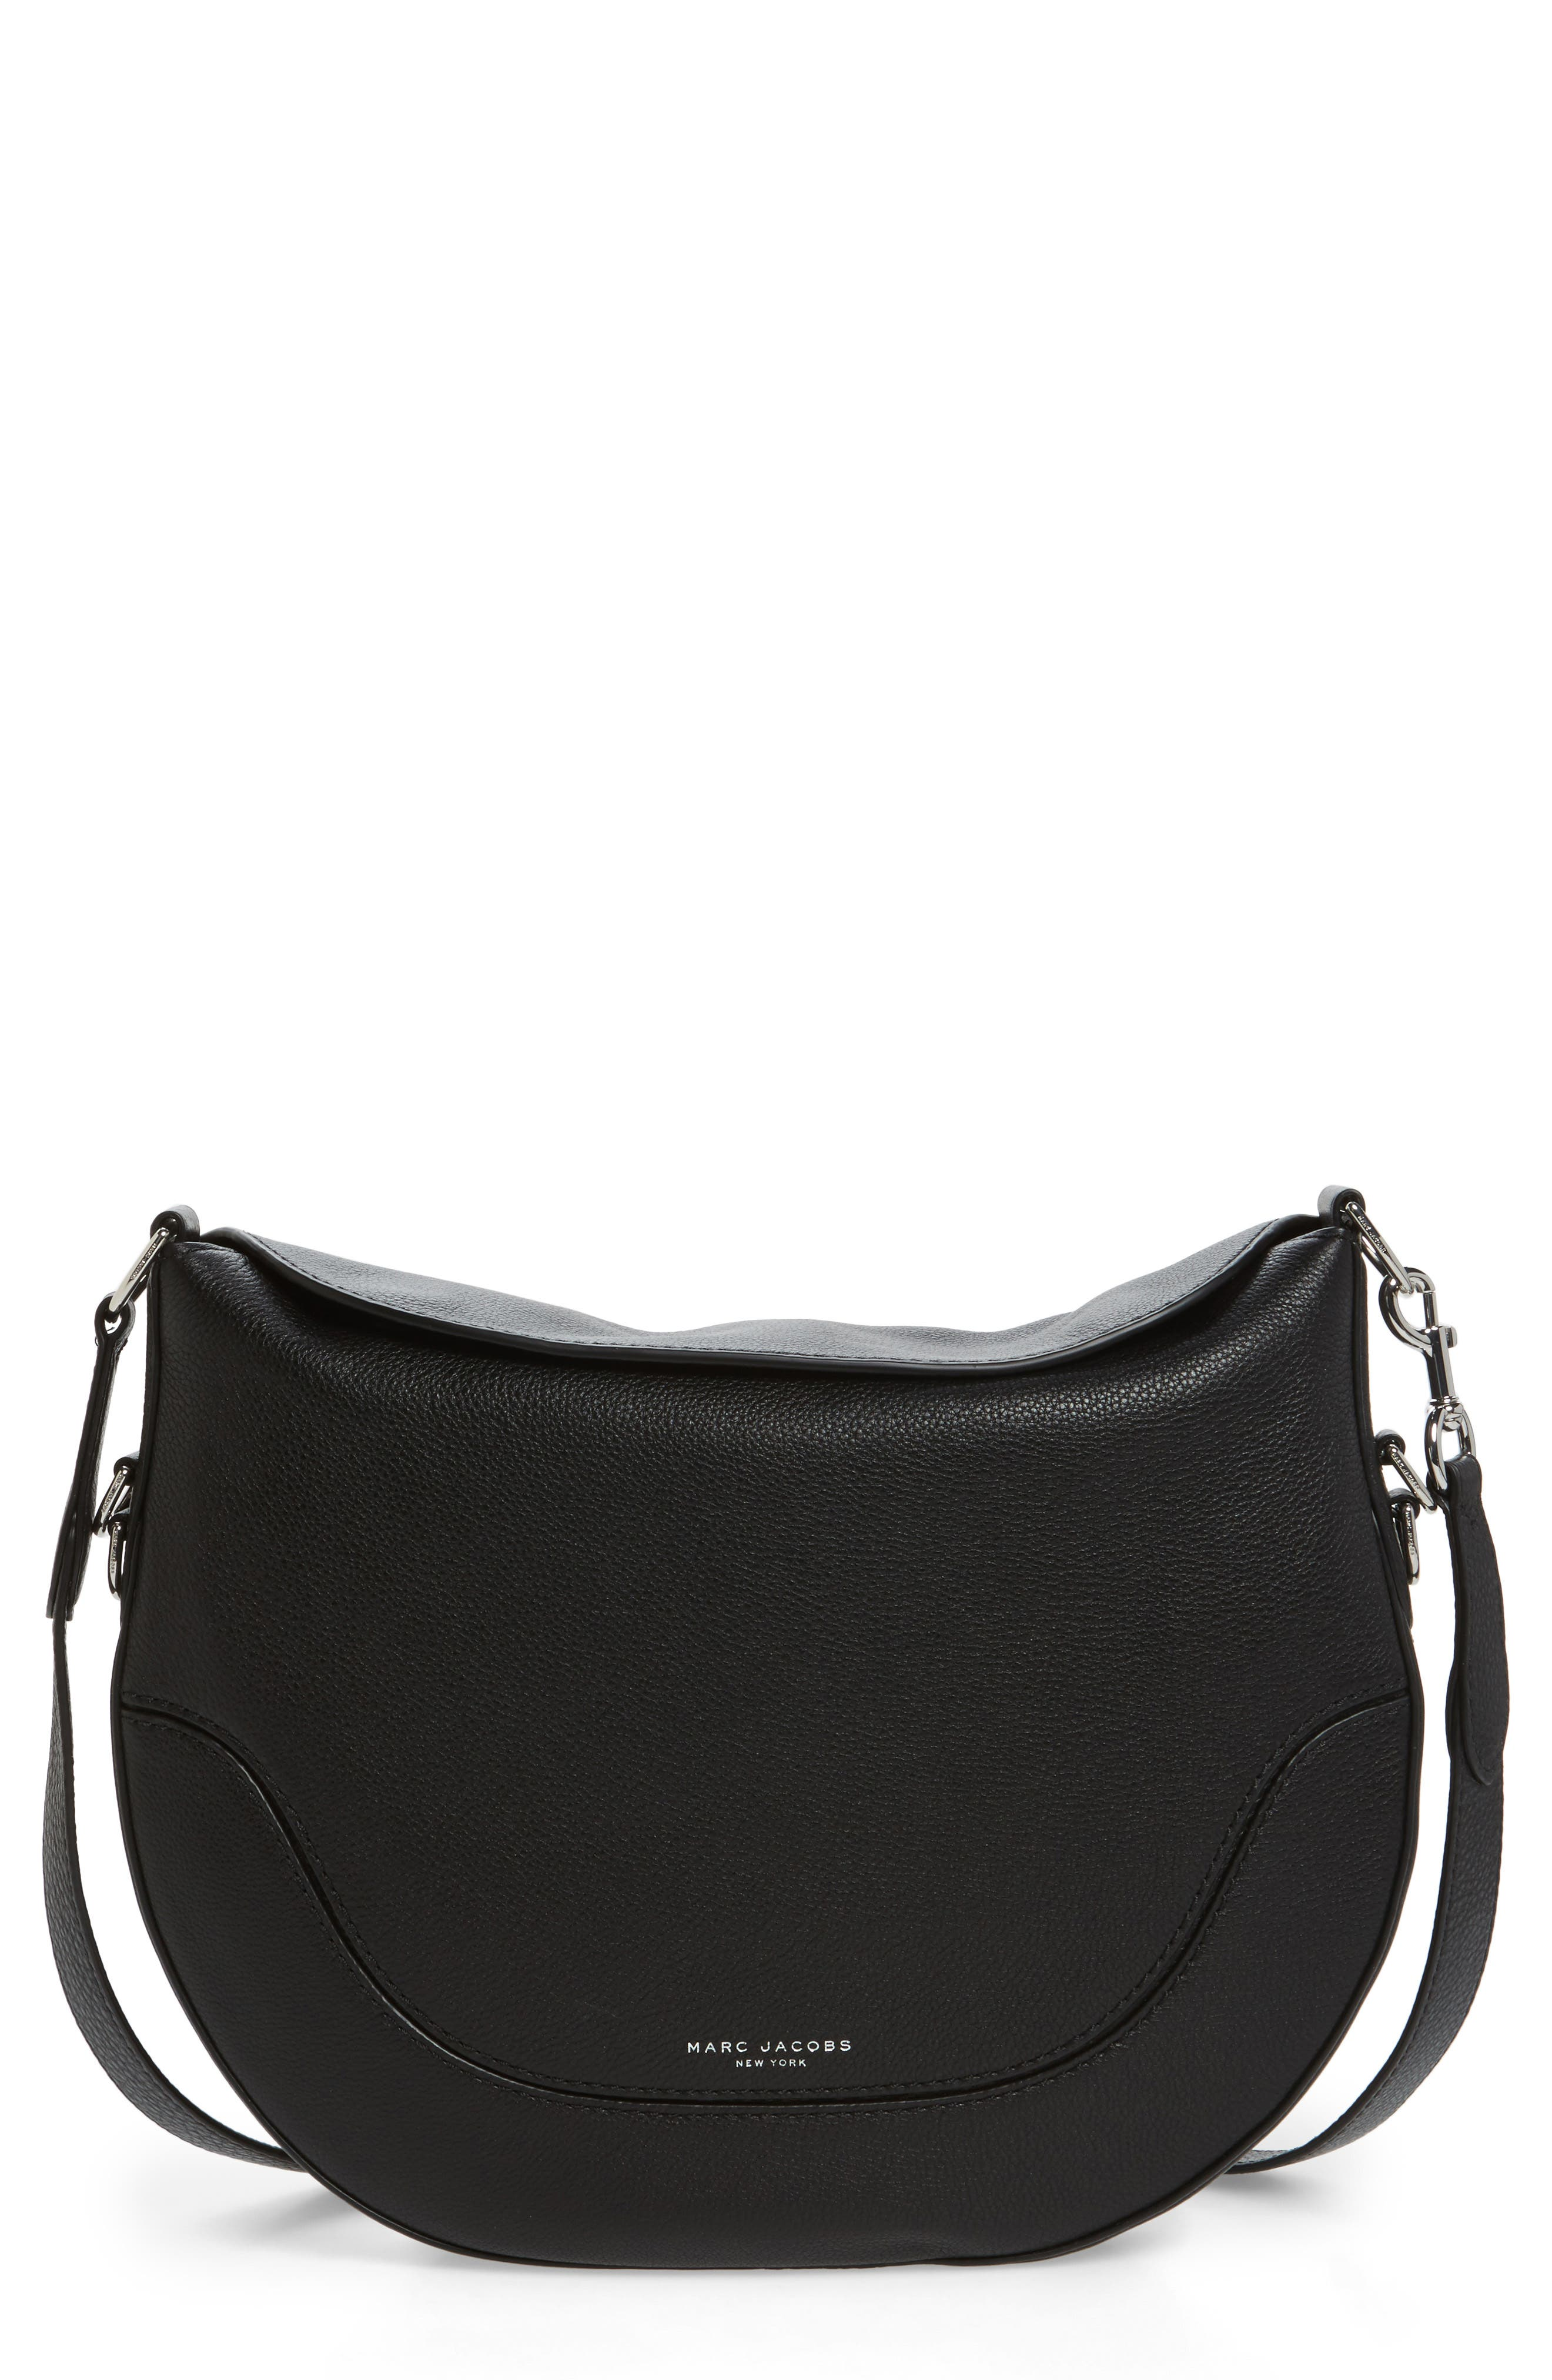 Main Image - MARC JACOBS Leather Shoulder Bag